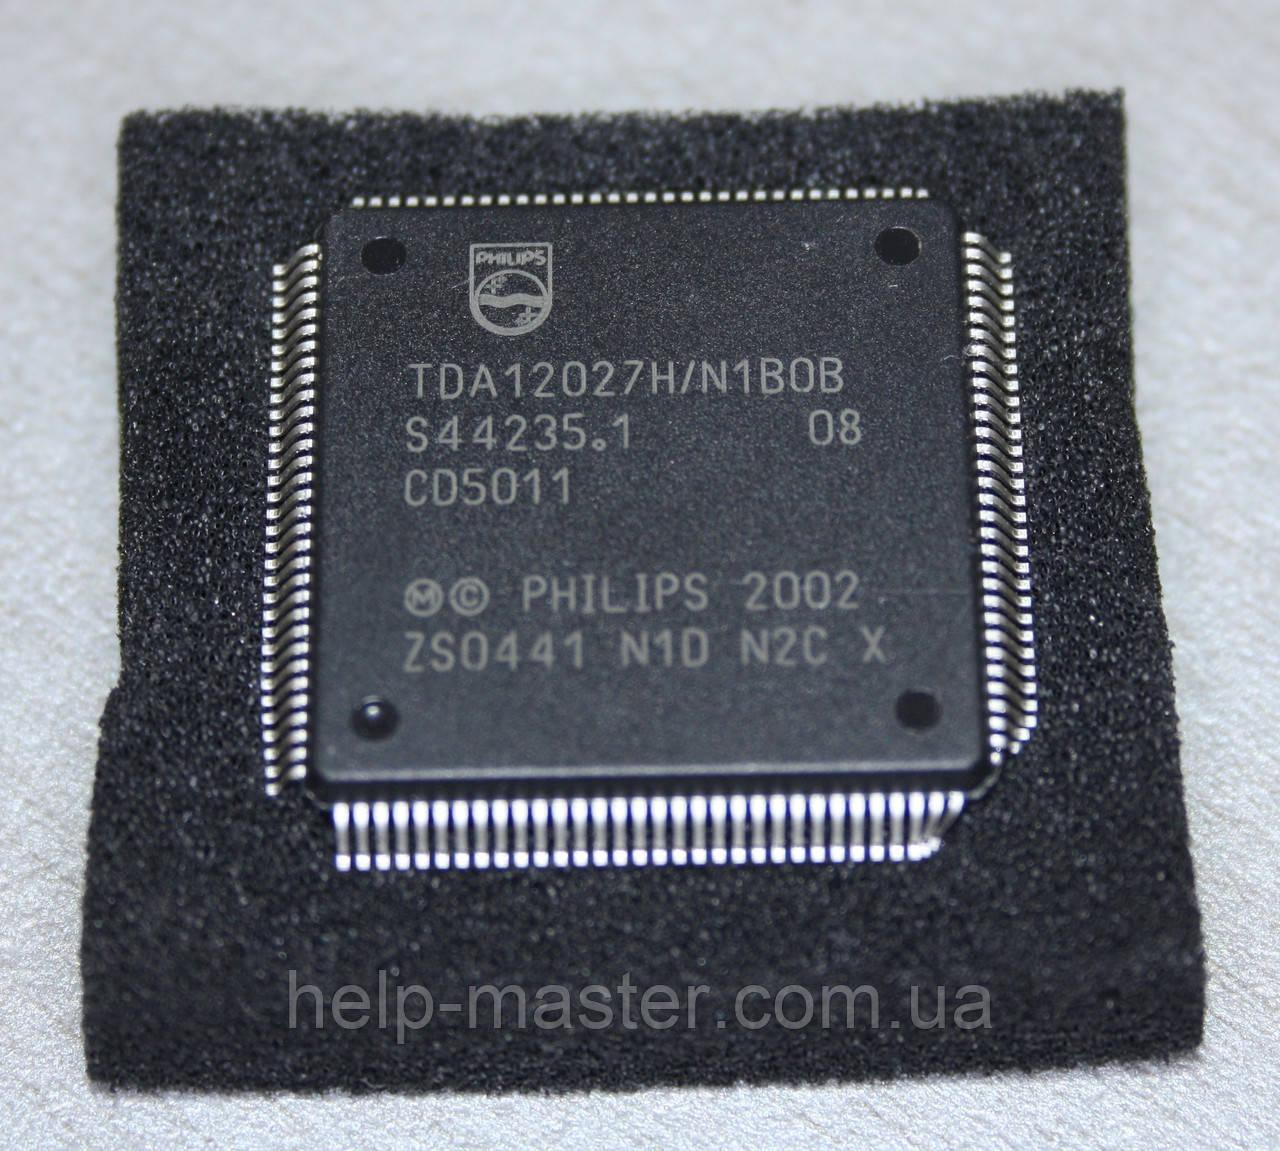 Процесор TDA12027H/N1BOB; (QFP2828-128)